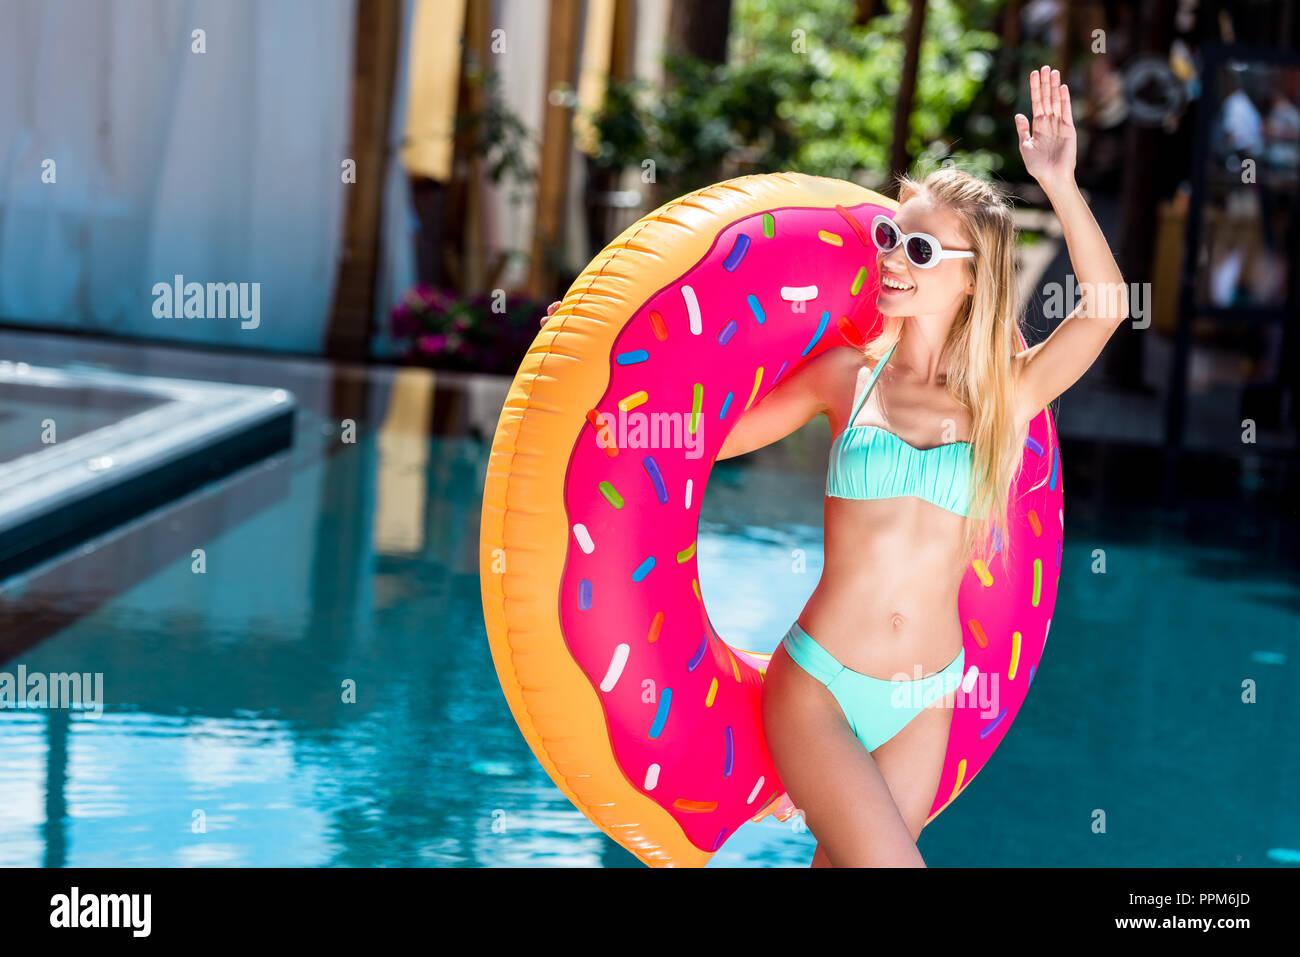 Bella giovane donna anello gonfiabile in forma di ciambella saluto qualcuno a bordo piscina Immagini Stock